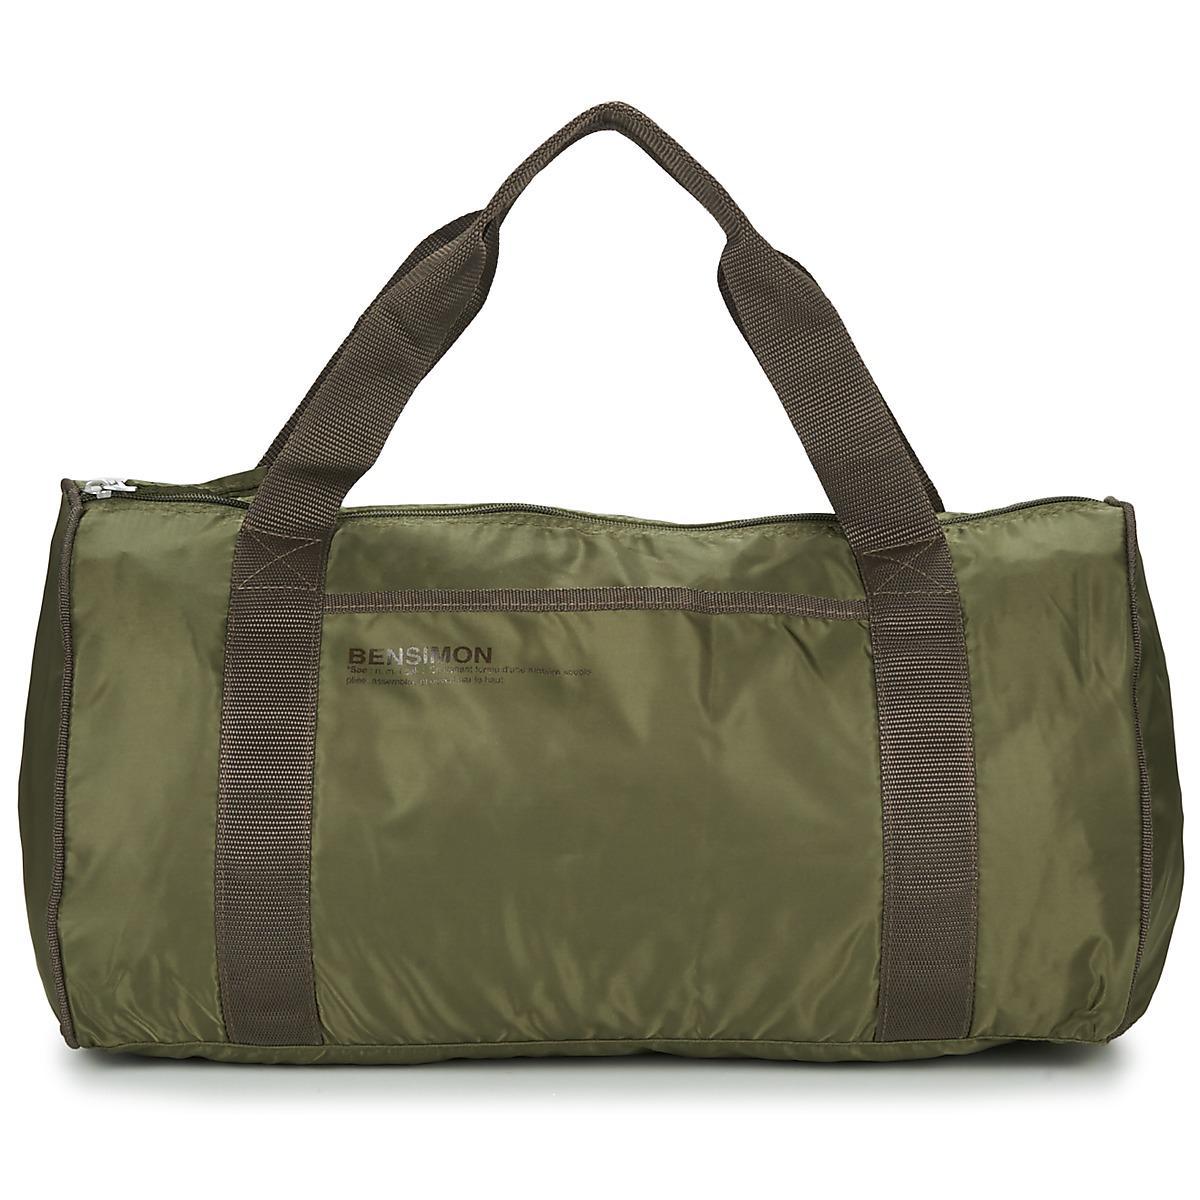 8d011d2157 Lyst - COLOR BAG femmes Sac de sport en vert Bensimon pour homme en ...